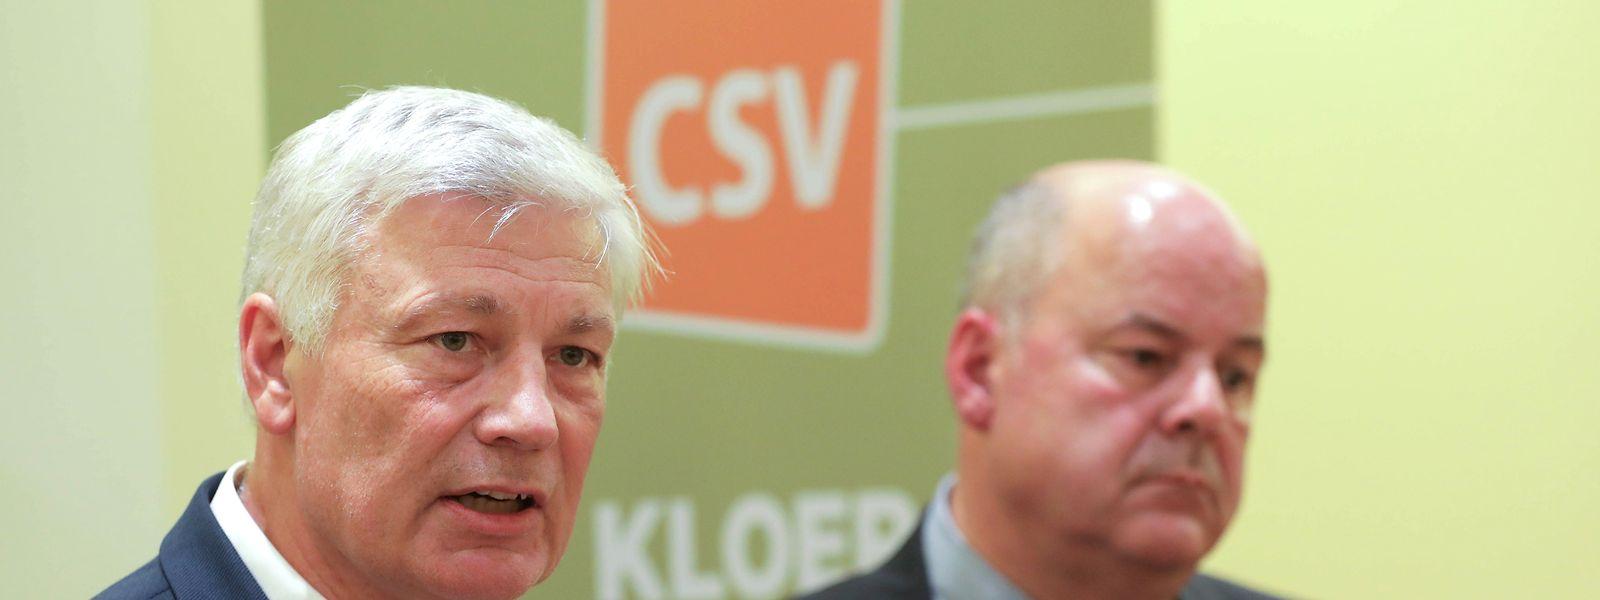 Der frühere CSV-Fraktionschef Claude Wiseler (links) zusammen mit dem ehemaligen Parteipräsidenten Marc Spautz. Beide gaben ihre Ämter als Folge des Resultats bei den Parlamentswahlen ab. Ihnen folgten Martine Hansen und Frank Engel nach.